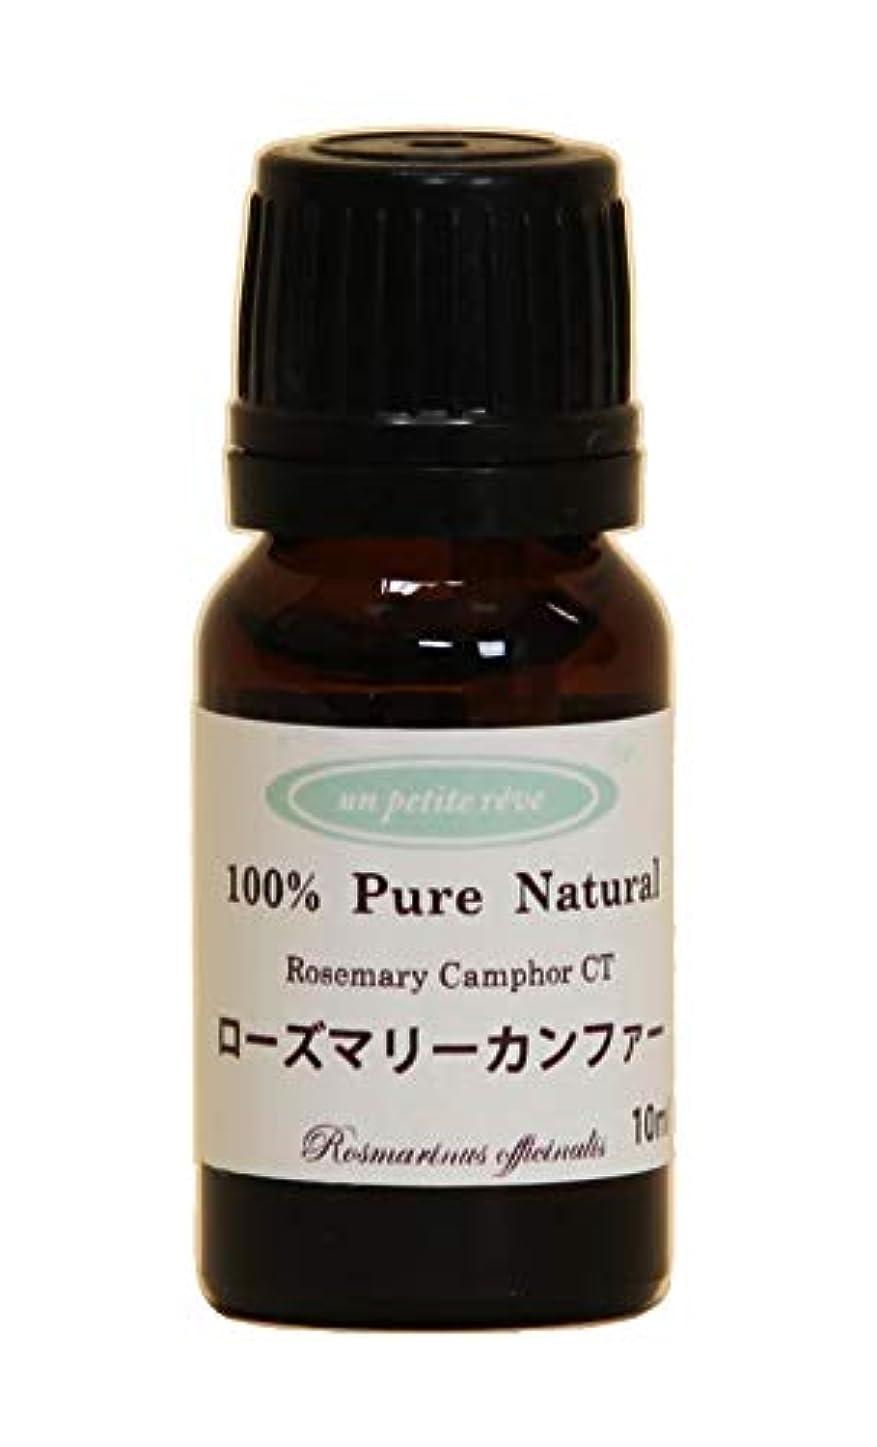 屋内で上へ権威ローズマリーカンファー  10ml 100%天然アロマエッセンシャルオイル(精油)